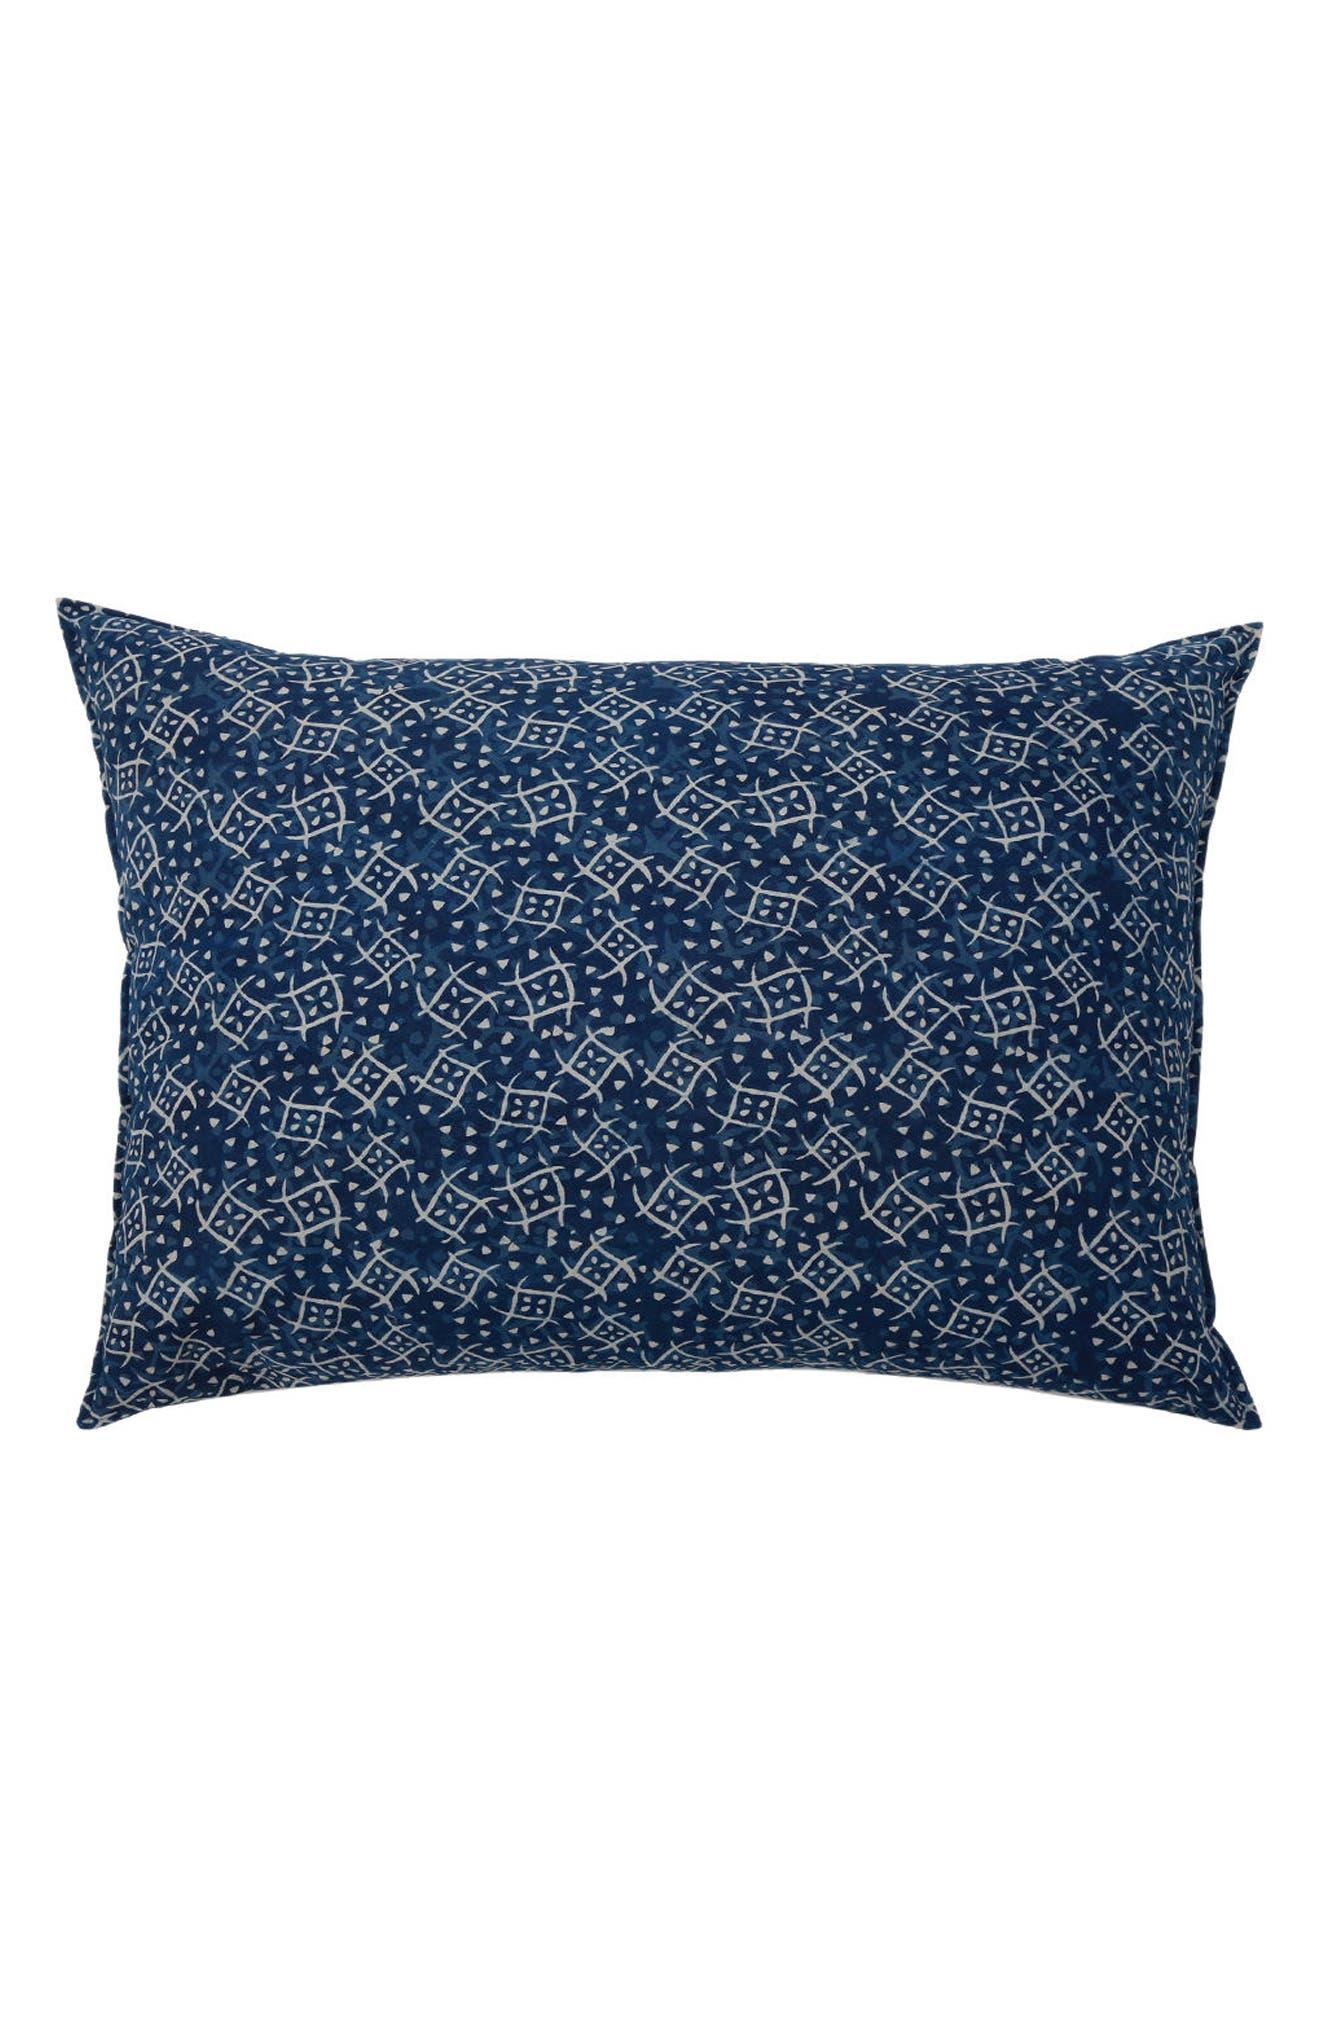 Main Image - Pom Pom at Home Neela Big Accent Pillow